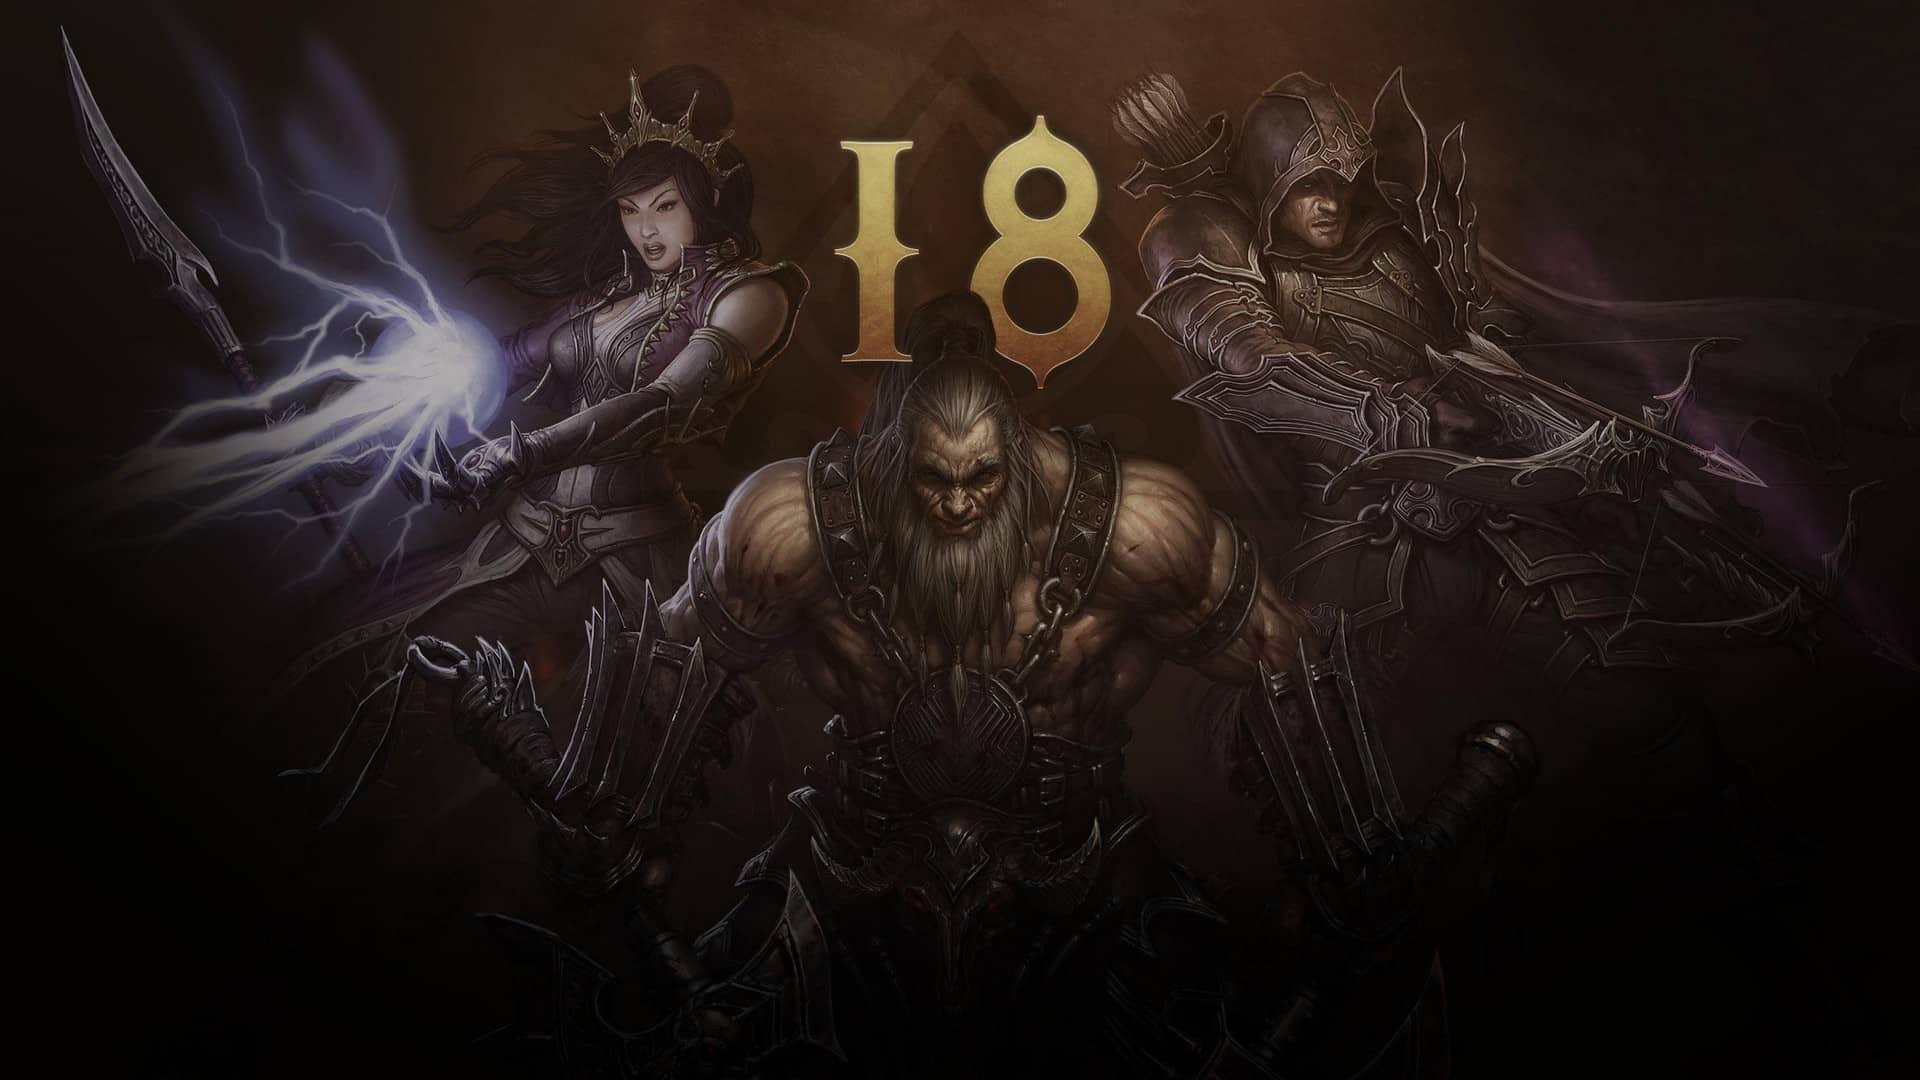 Diablo III's Season 18 Kicks Off Tomorrow